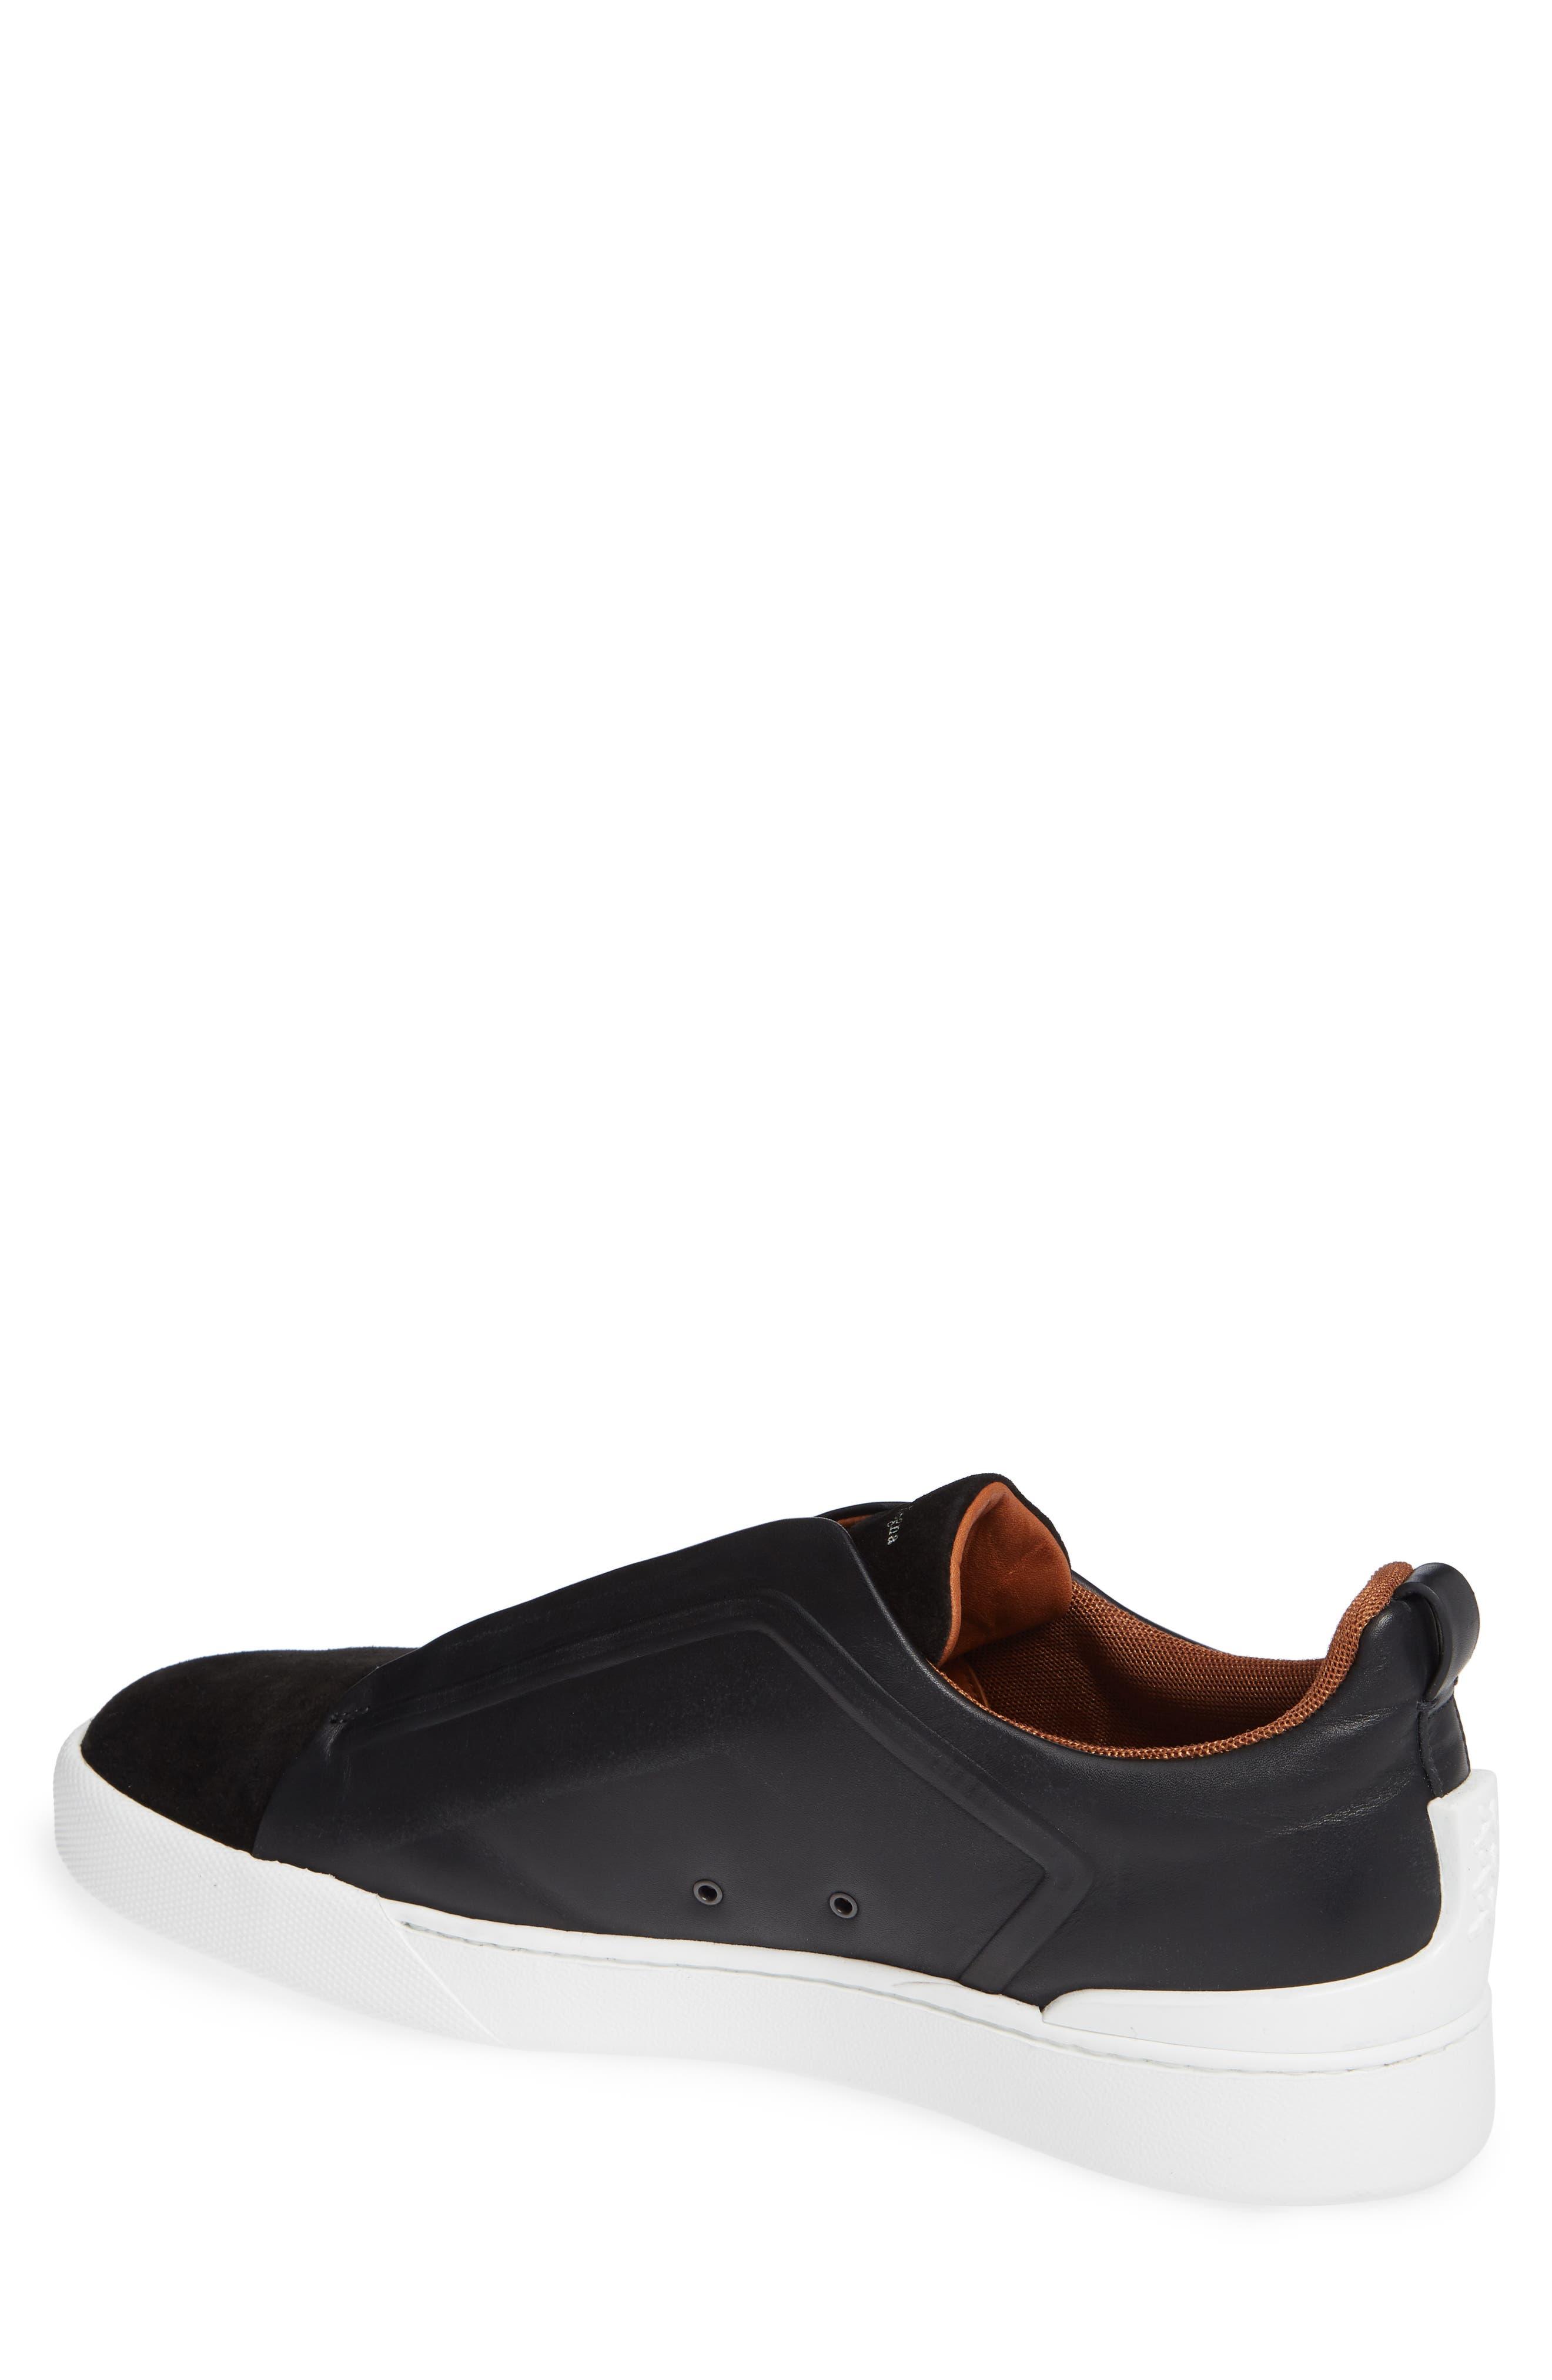 ERMENEGILDO ZEGNA, Slip-On Sneaker, Alternate thumbnail 2, color, BLACK